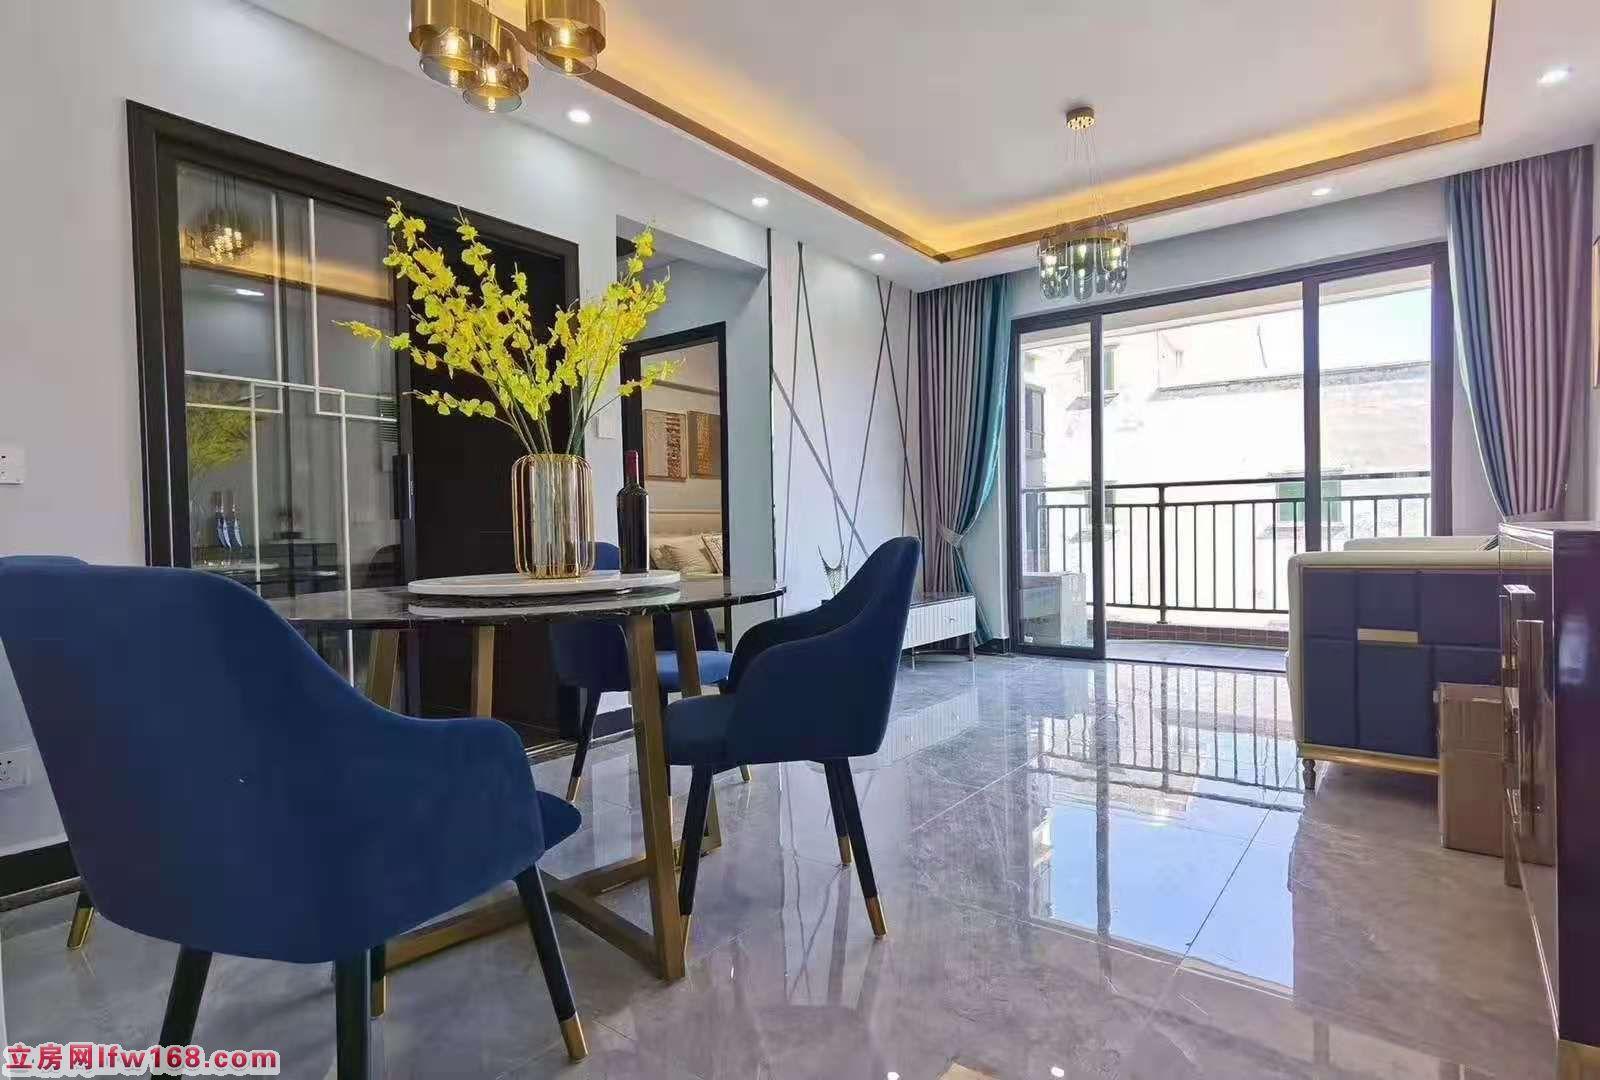 惠州惠阳新圩小产权房新盘《奥佳苑》3560元/m²起步价 分期三至五年